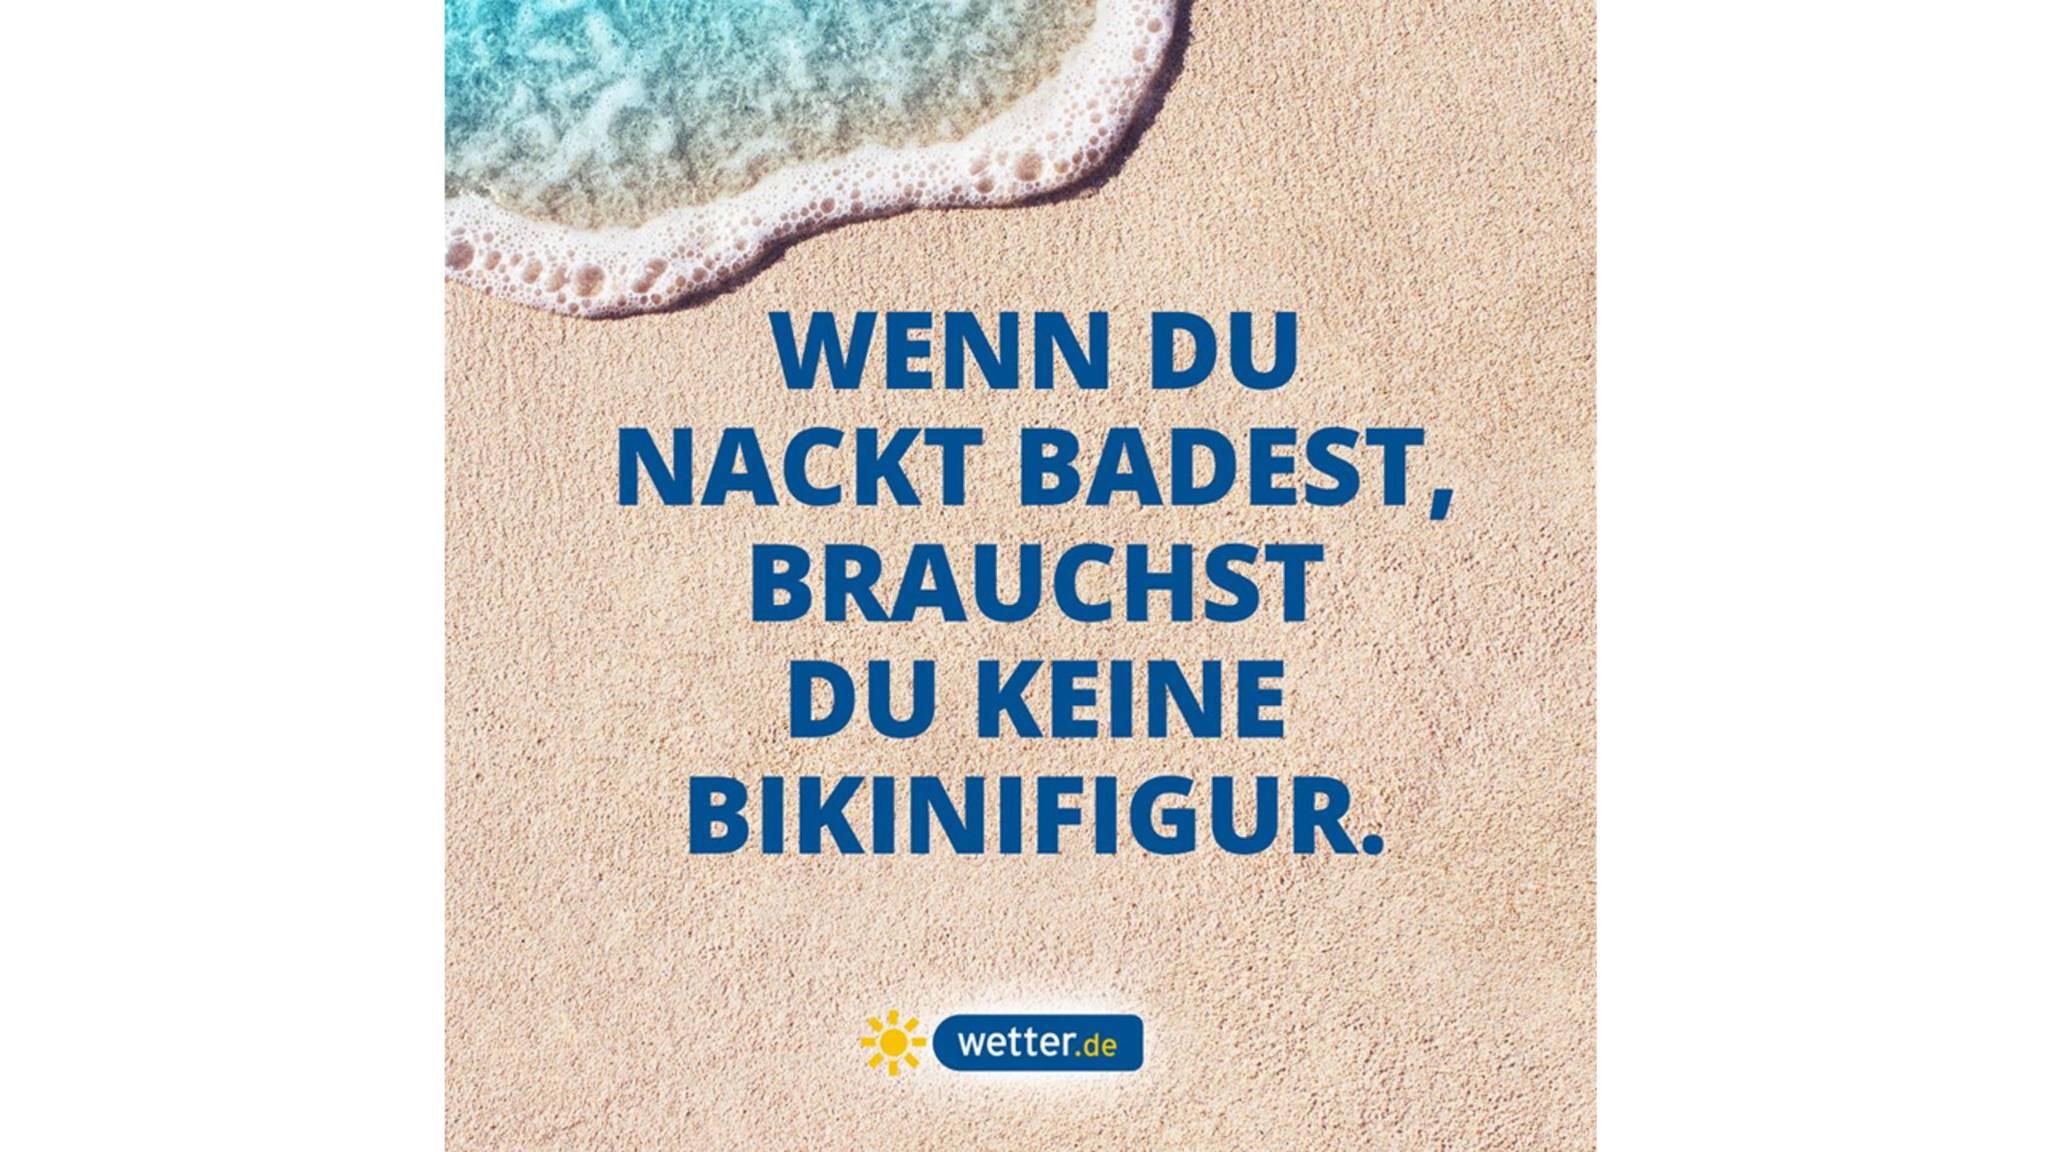 WhatsApp: 55 Bilder und Sprüche für Sommer und Urlaub